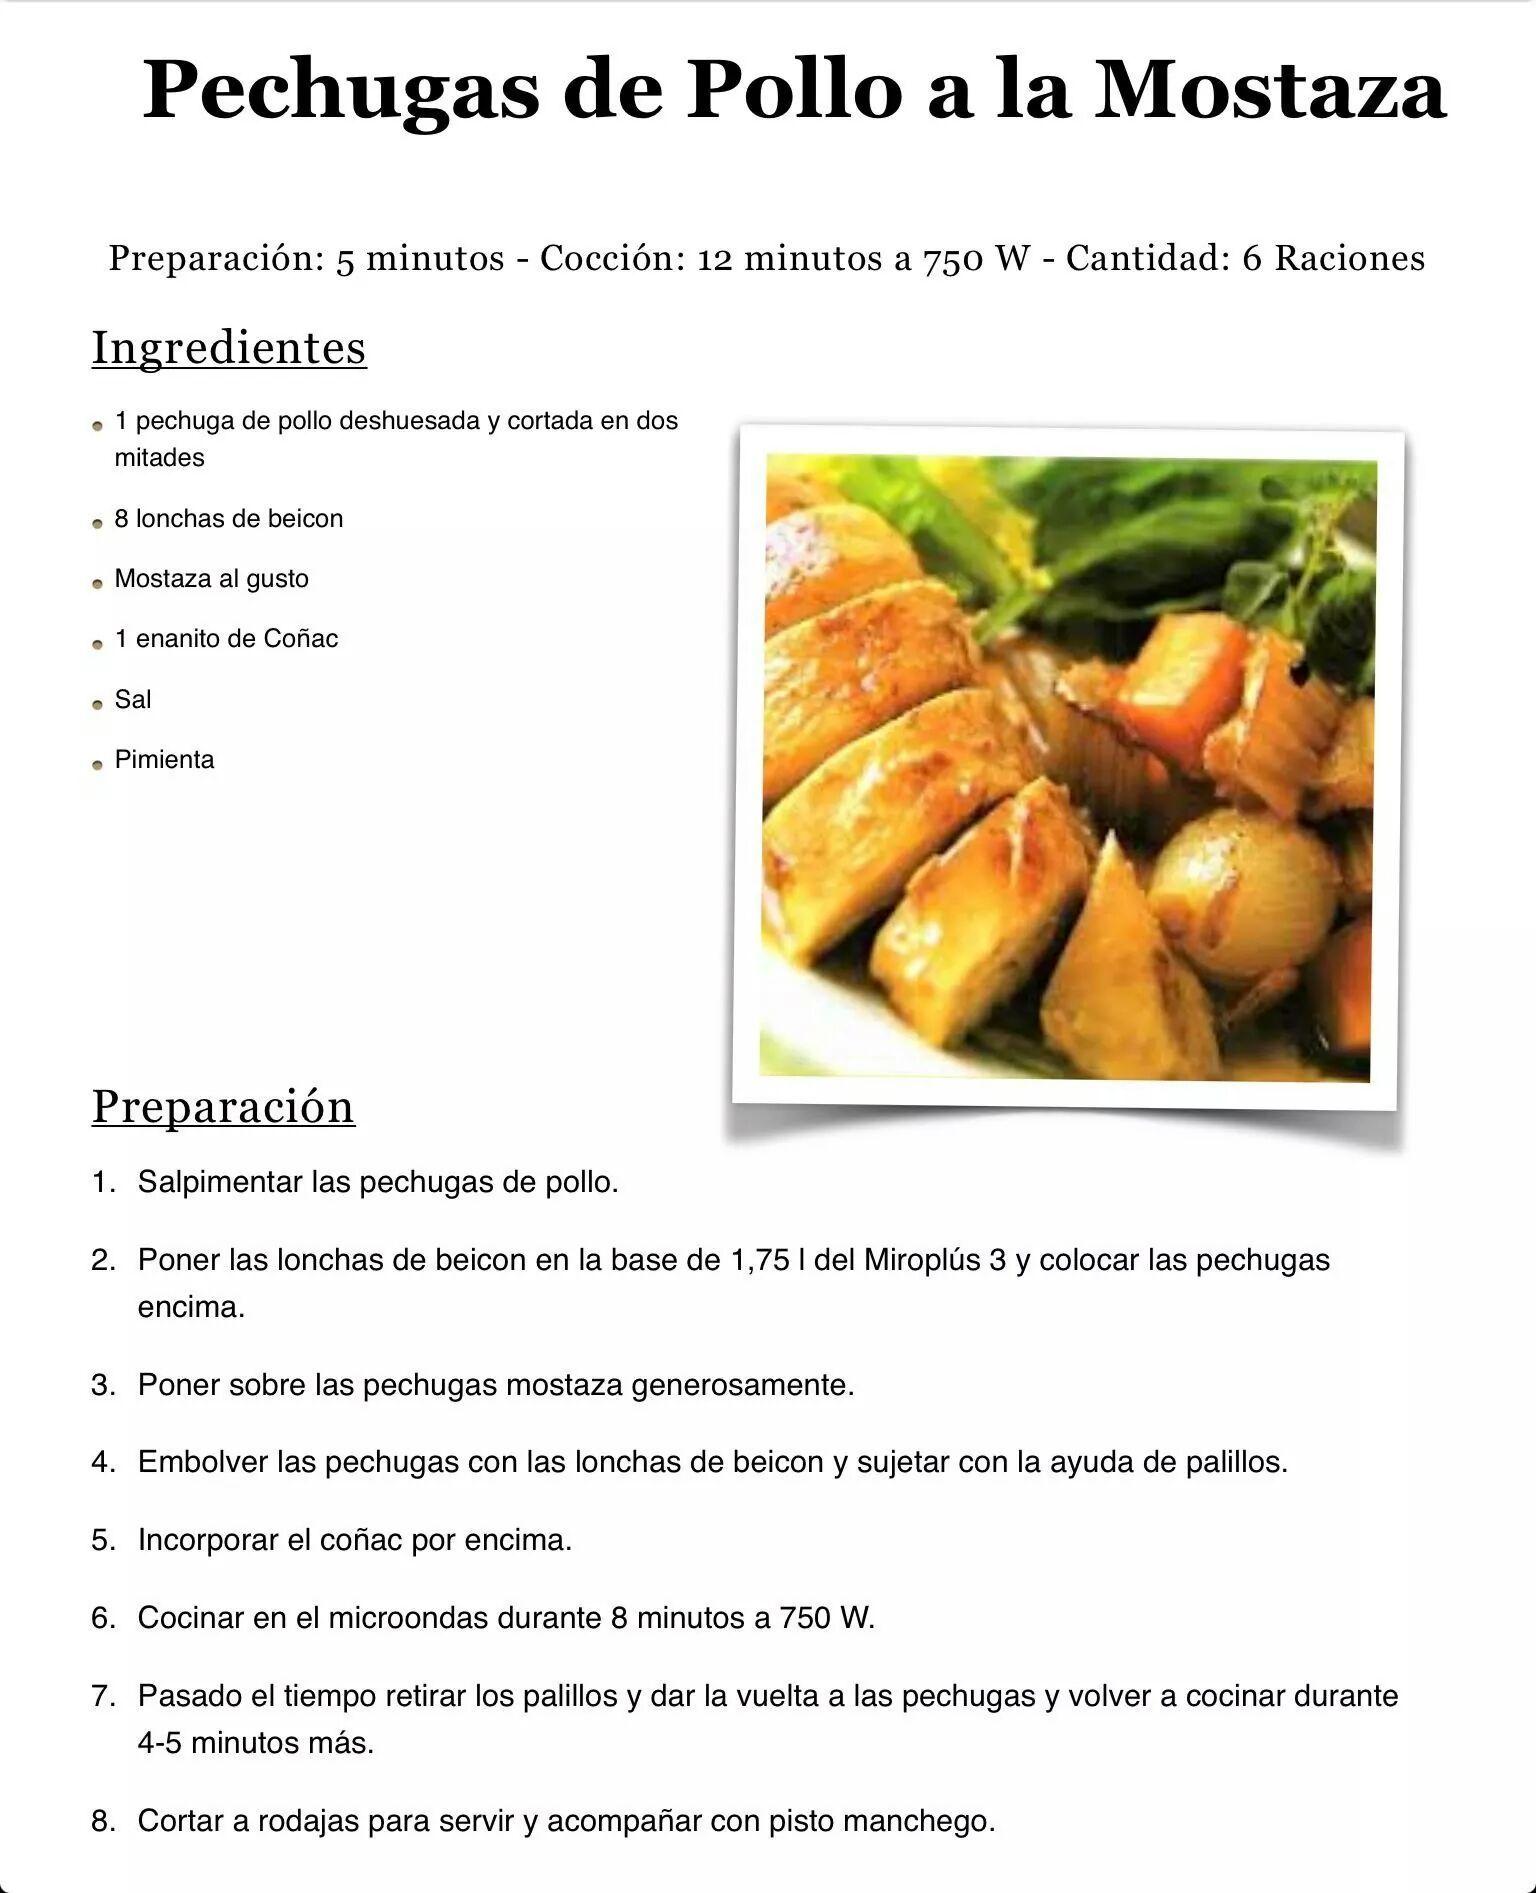 Pechugas De Pollo A La Mostaza Recetas De Comida Fáciles Recetas De Comida Pechuga De Pollo